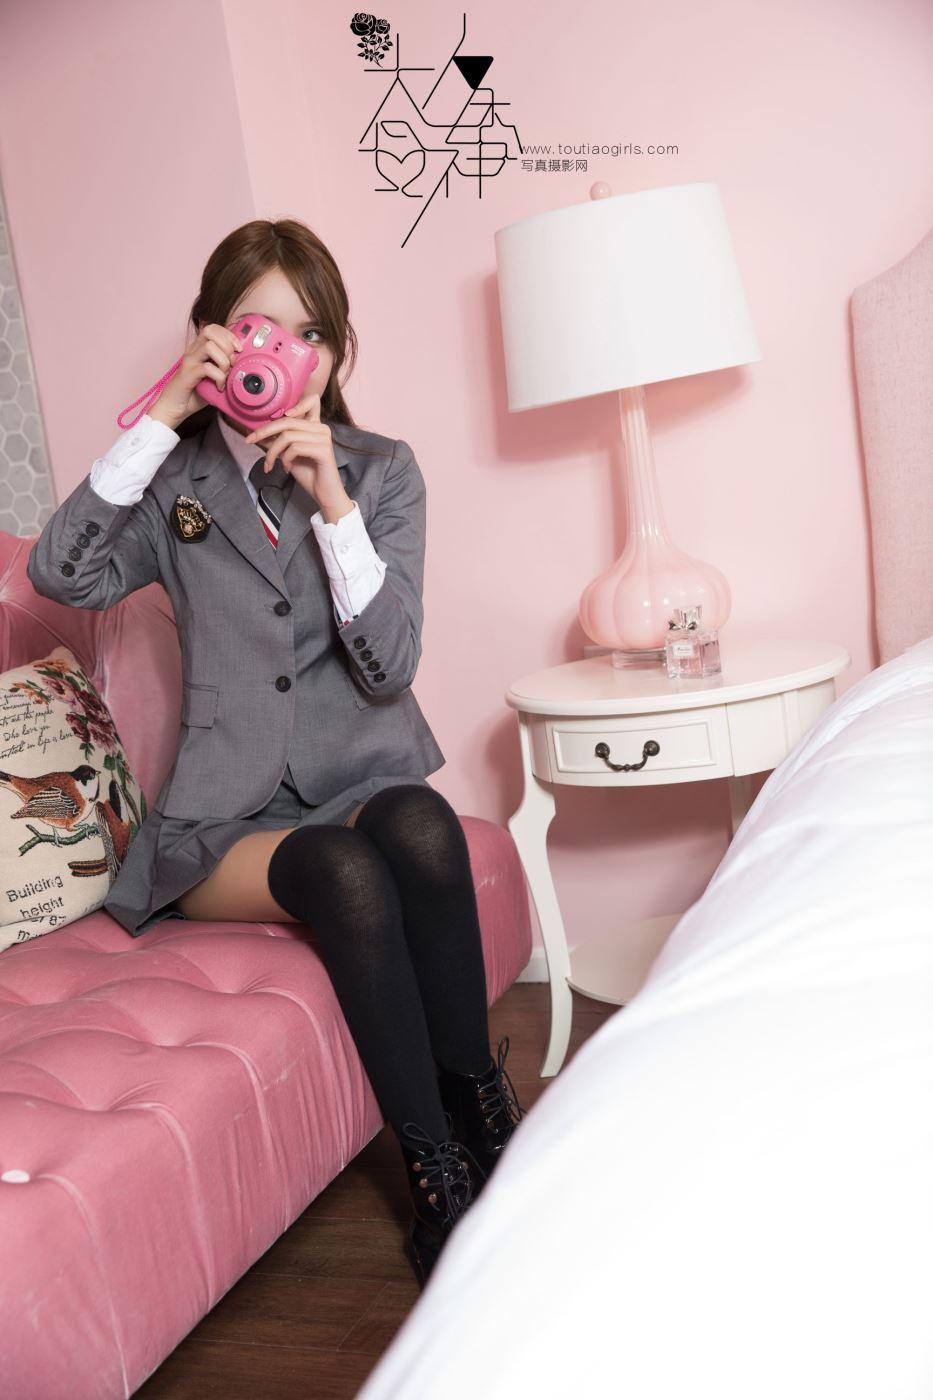 校园制服女神梁芮溪黑丝长筒袜小清新美女私房写真图片